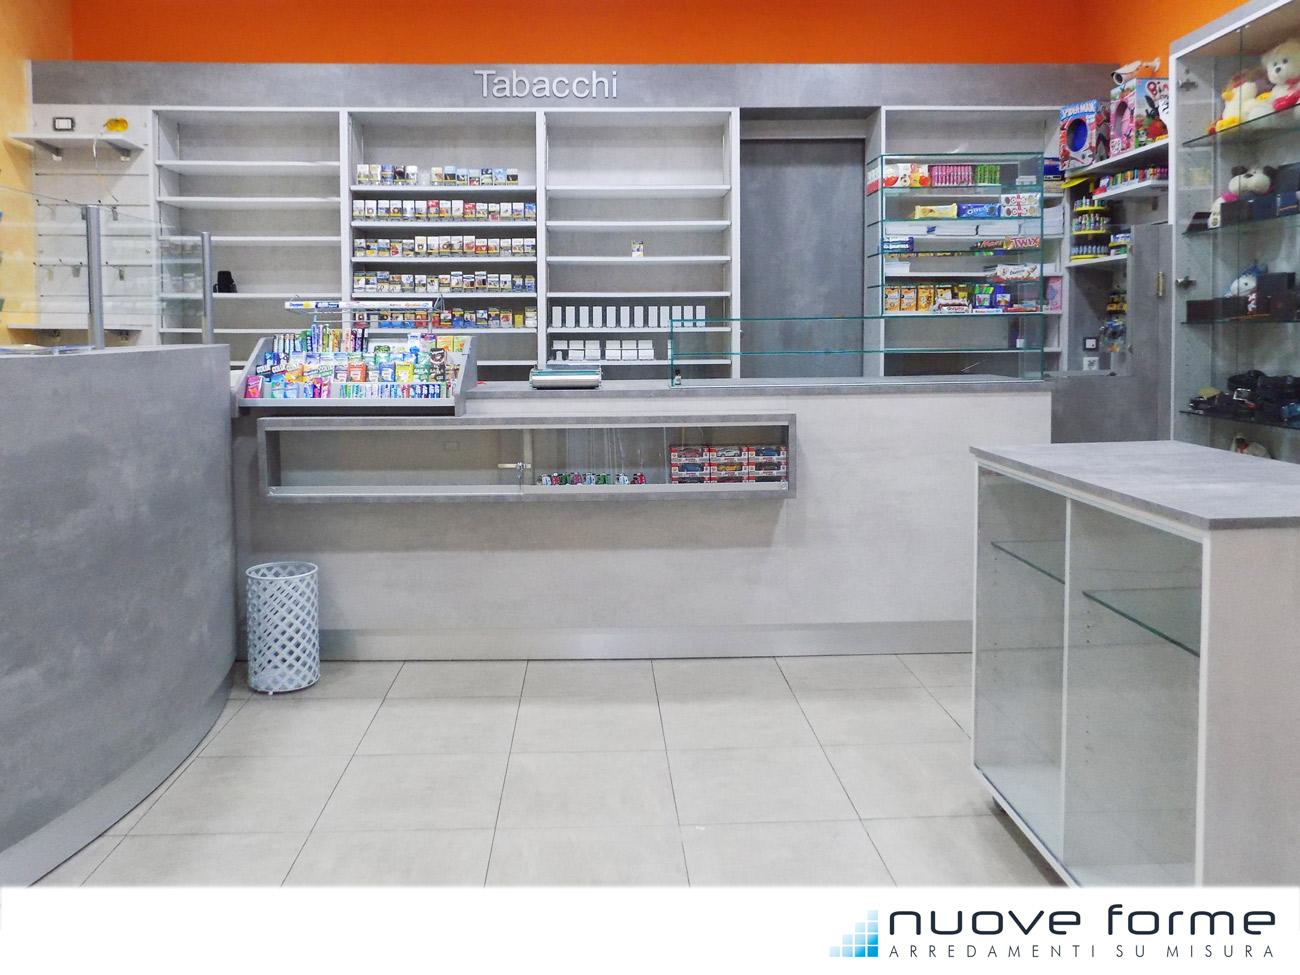 Nuove forme snc arredo bar tabacchi farmacie su misura for Arredamento bar tabacchi usato